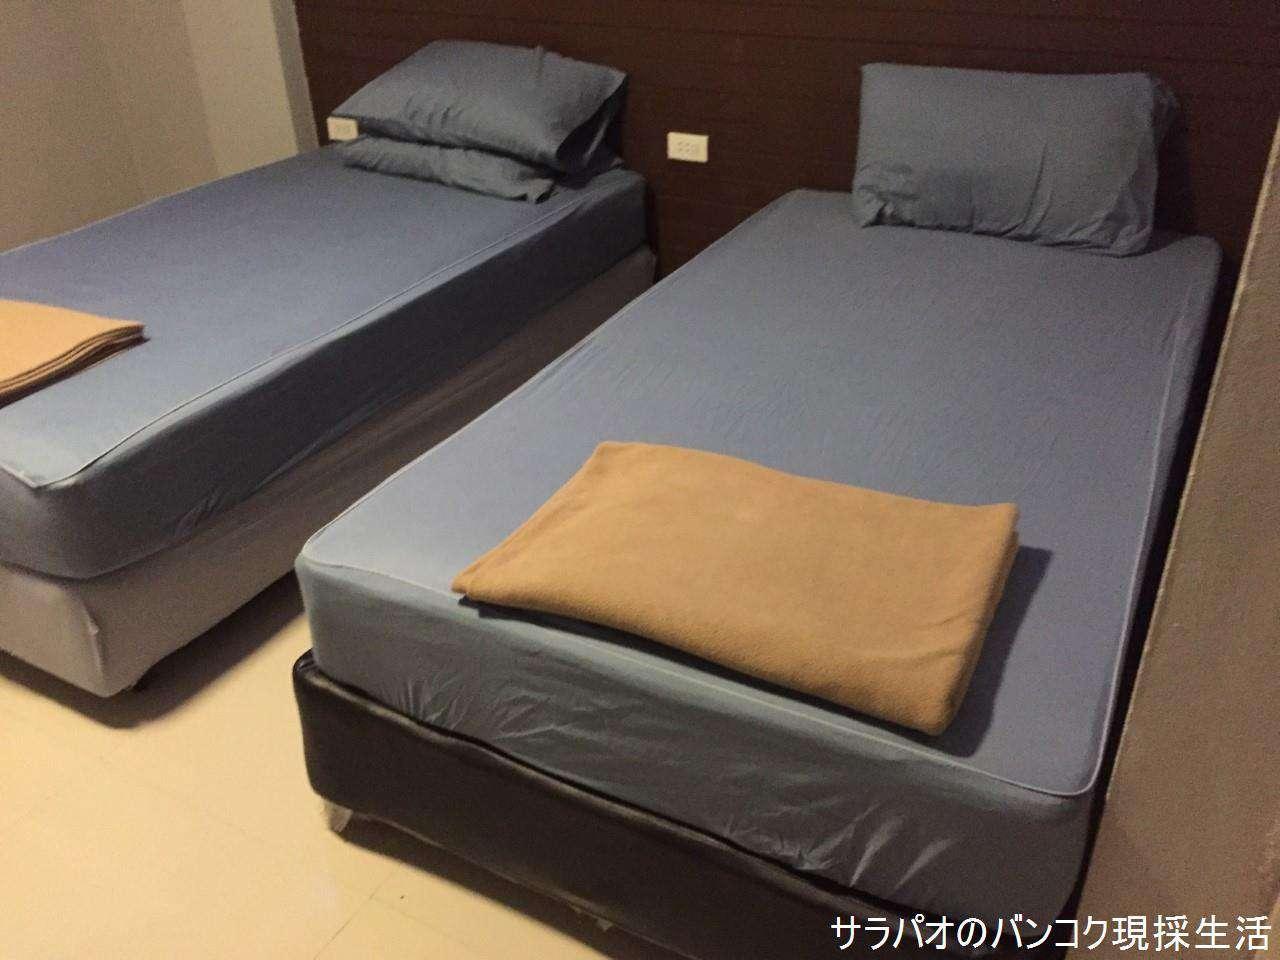 ザ・アベイルは遺跡近くで1泊600バーツのきれいなホテル in アユタヤ